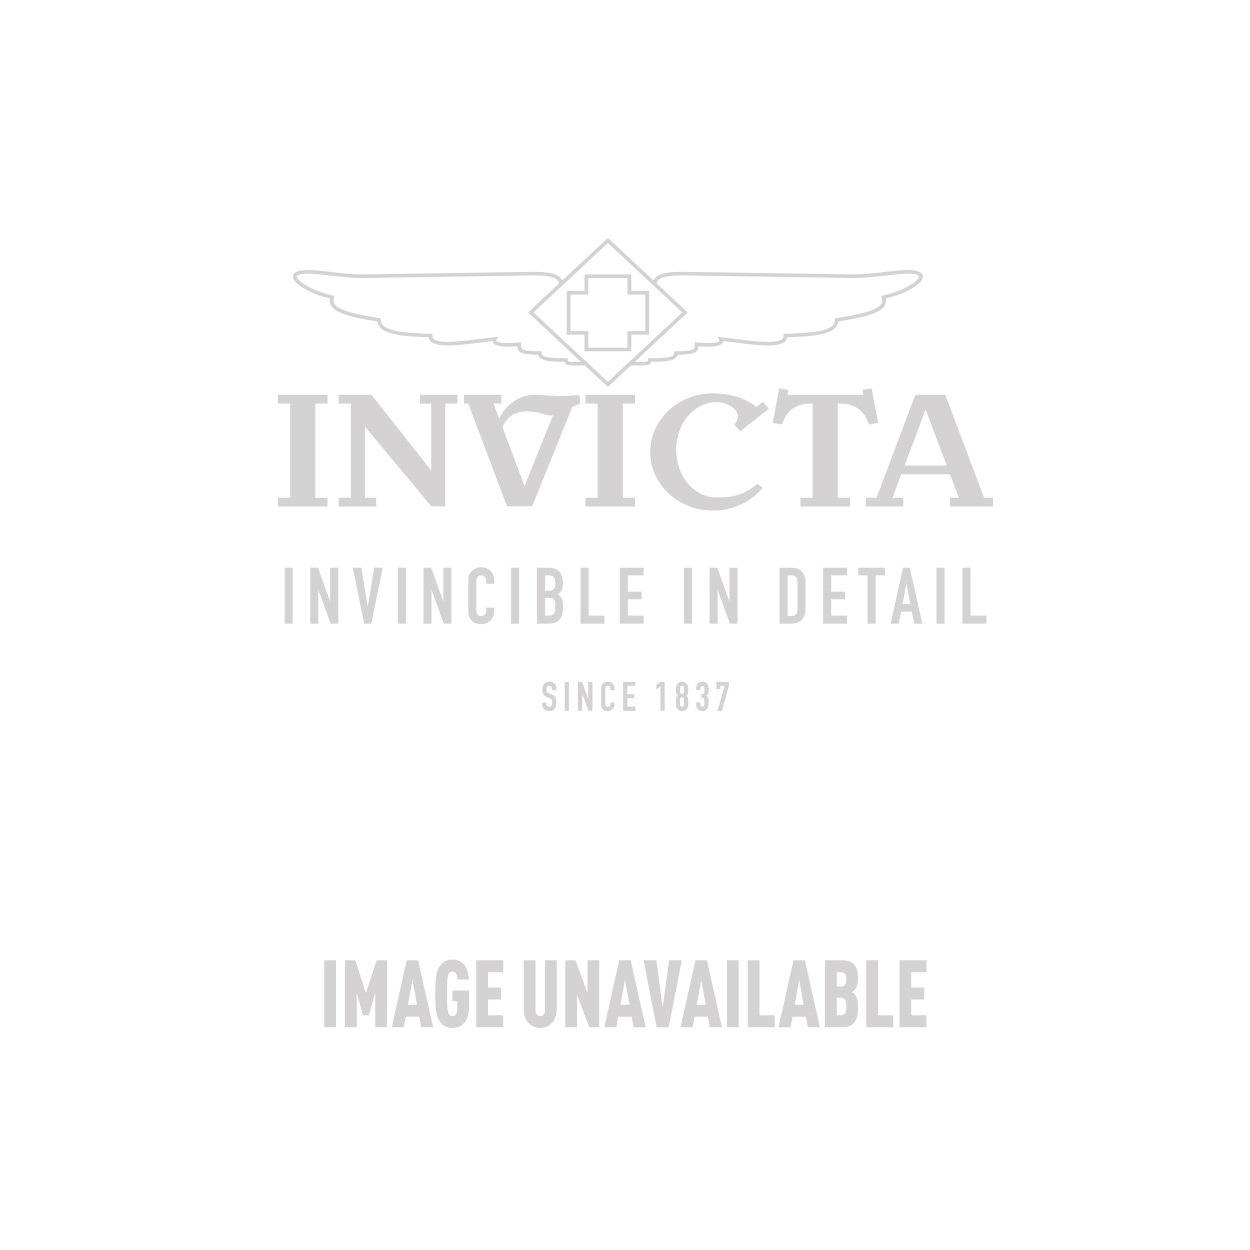 Invicta Model 29192